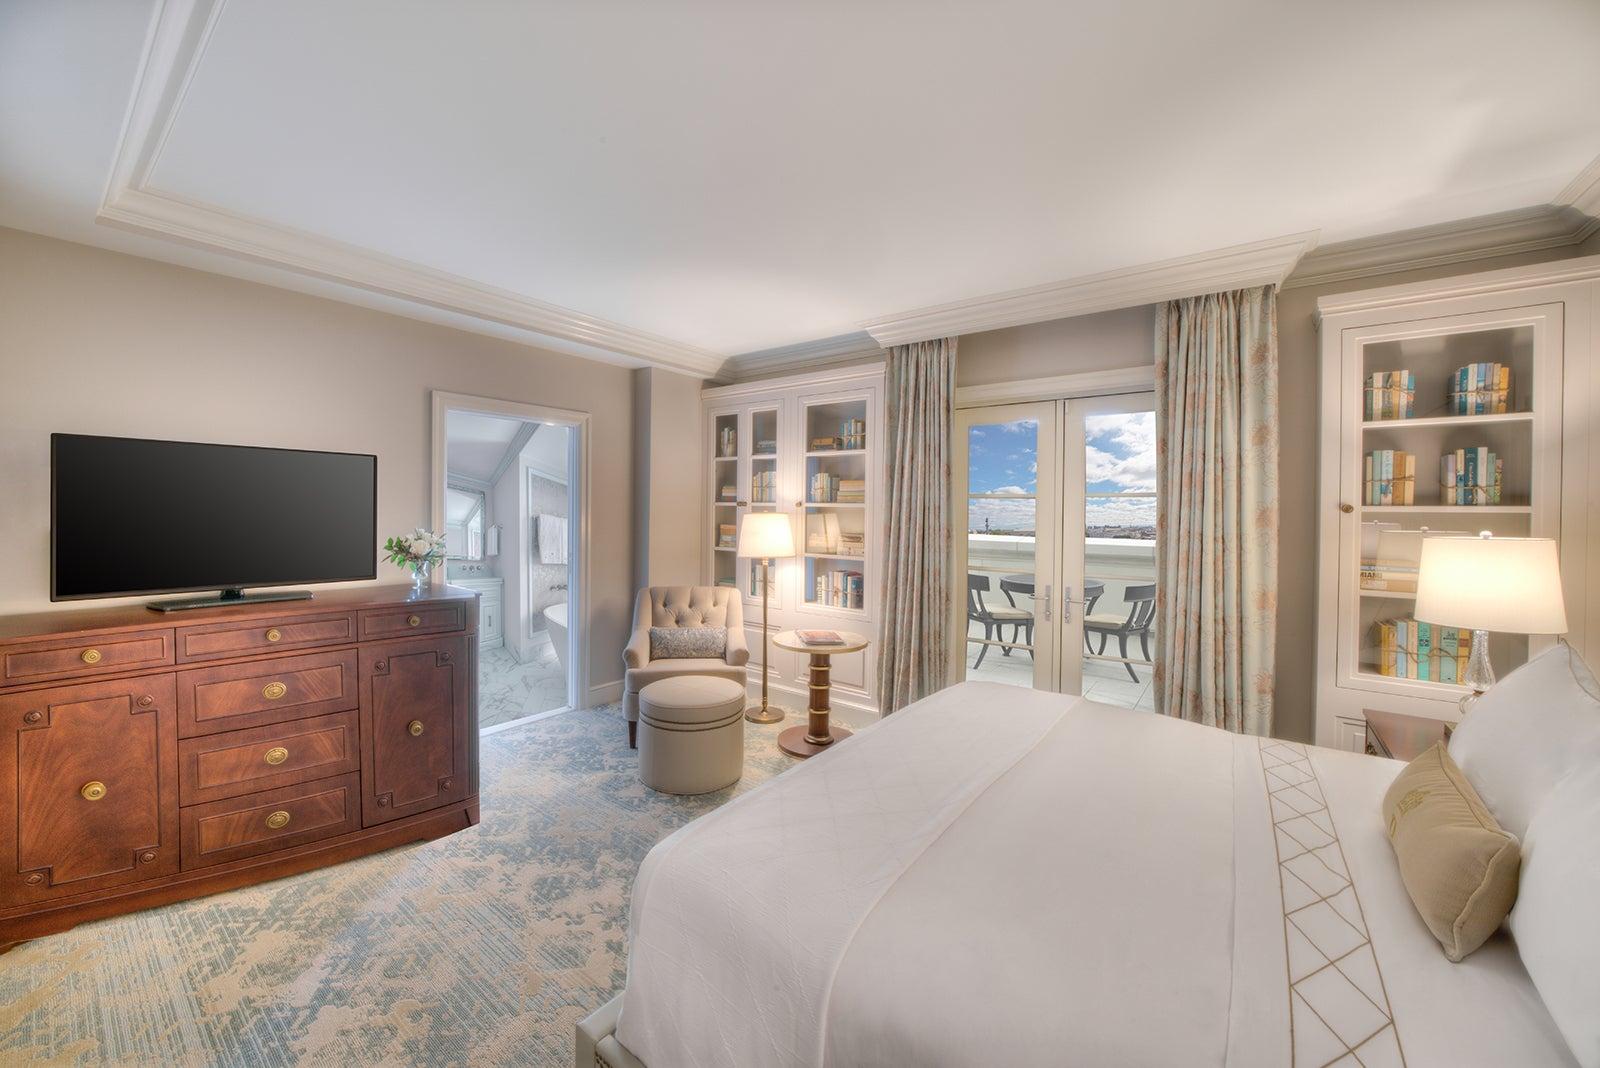 Hotel Bennett Premier King Guest Room